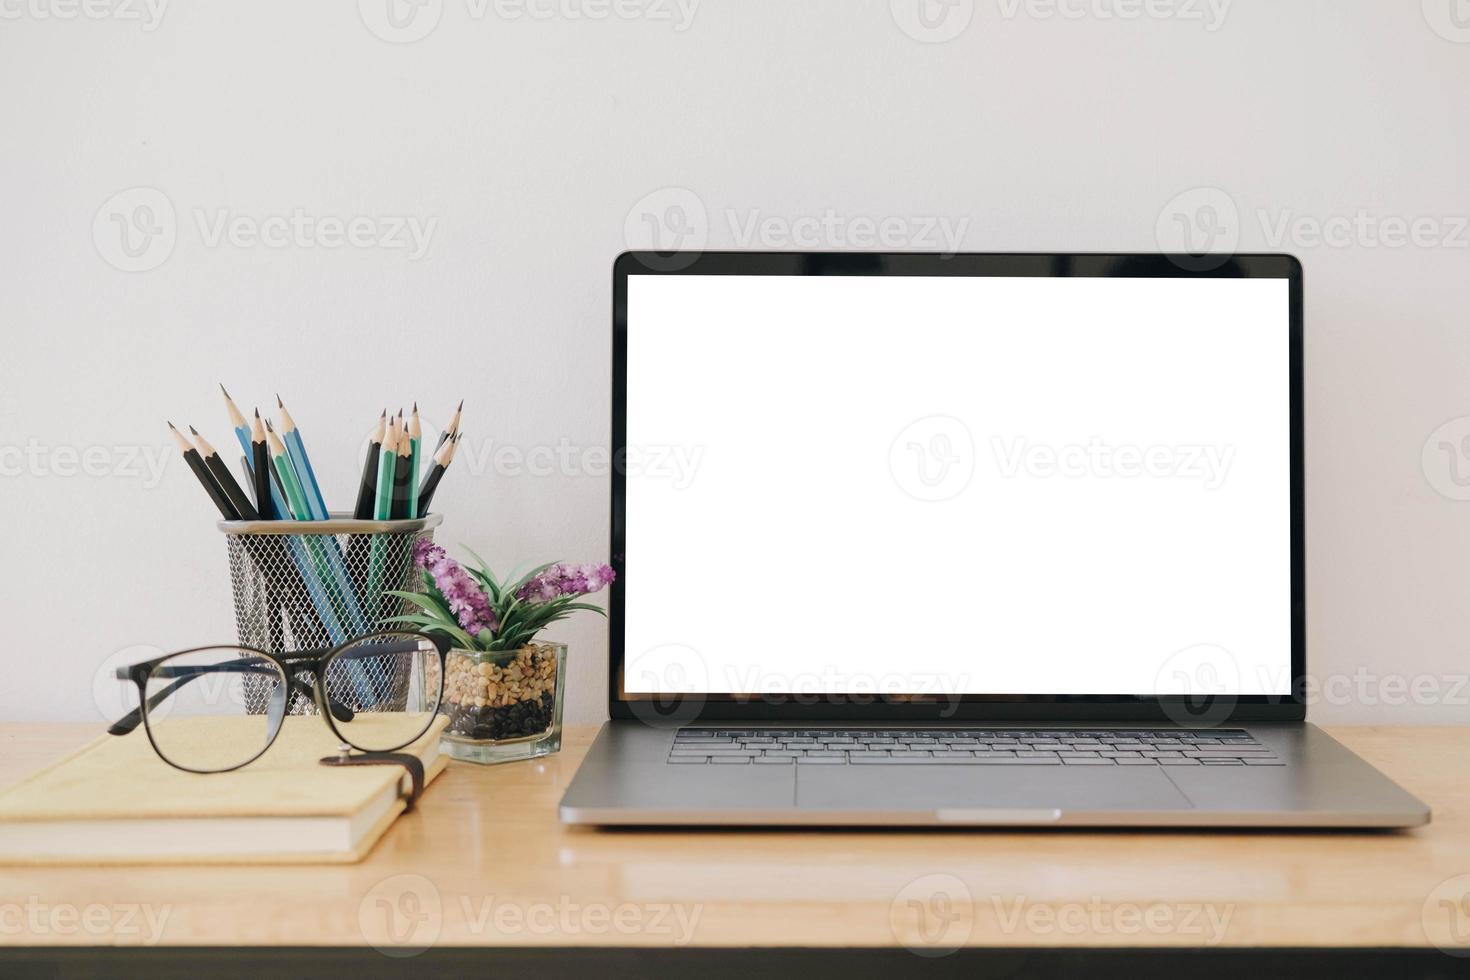 schermo del computer portatile vuoto sulla scrivania con forniture di area di lavoro foto